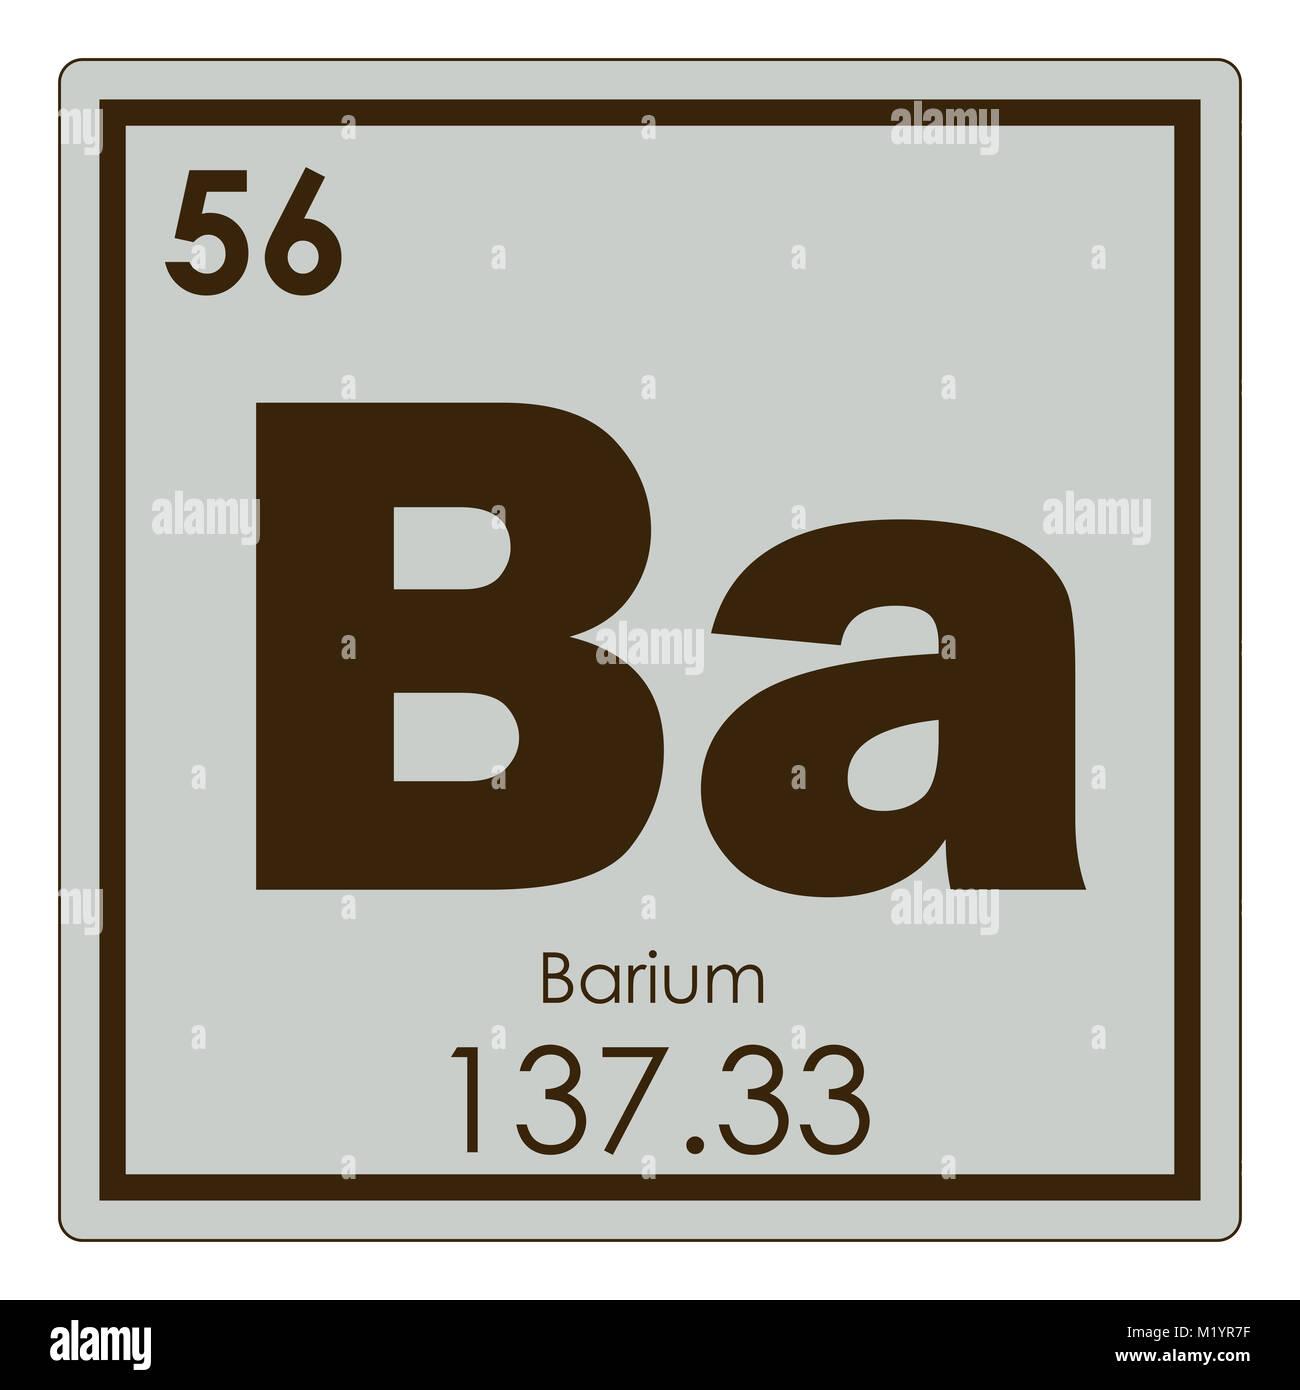 Barium chemical element periodic table science symbol stock photo barium chemical element periodic table science symbol biocorpaavc Images